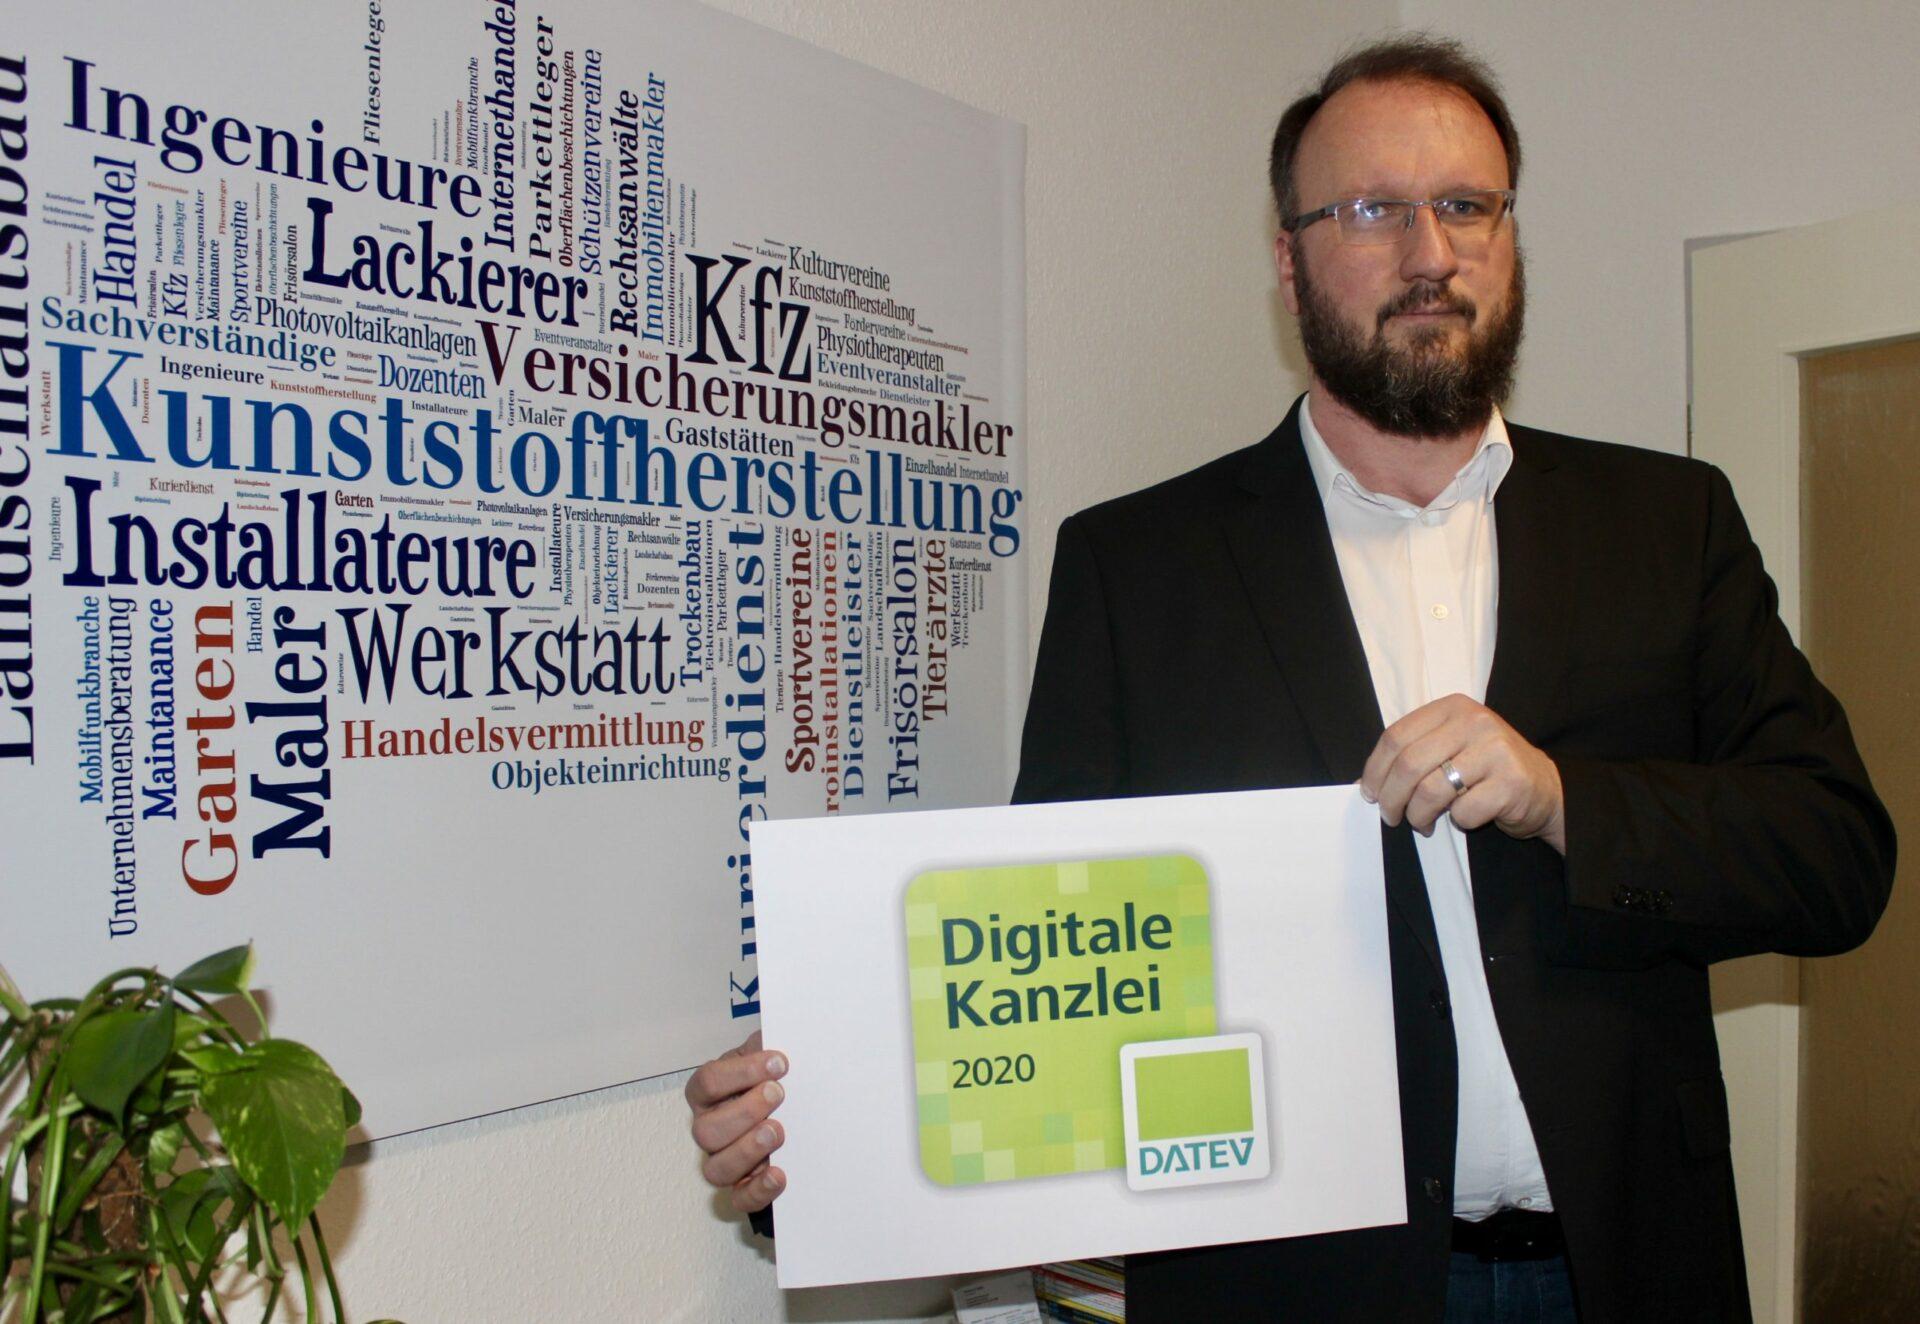 Weichelt & Winter: Digitale Kanzlei 2020